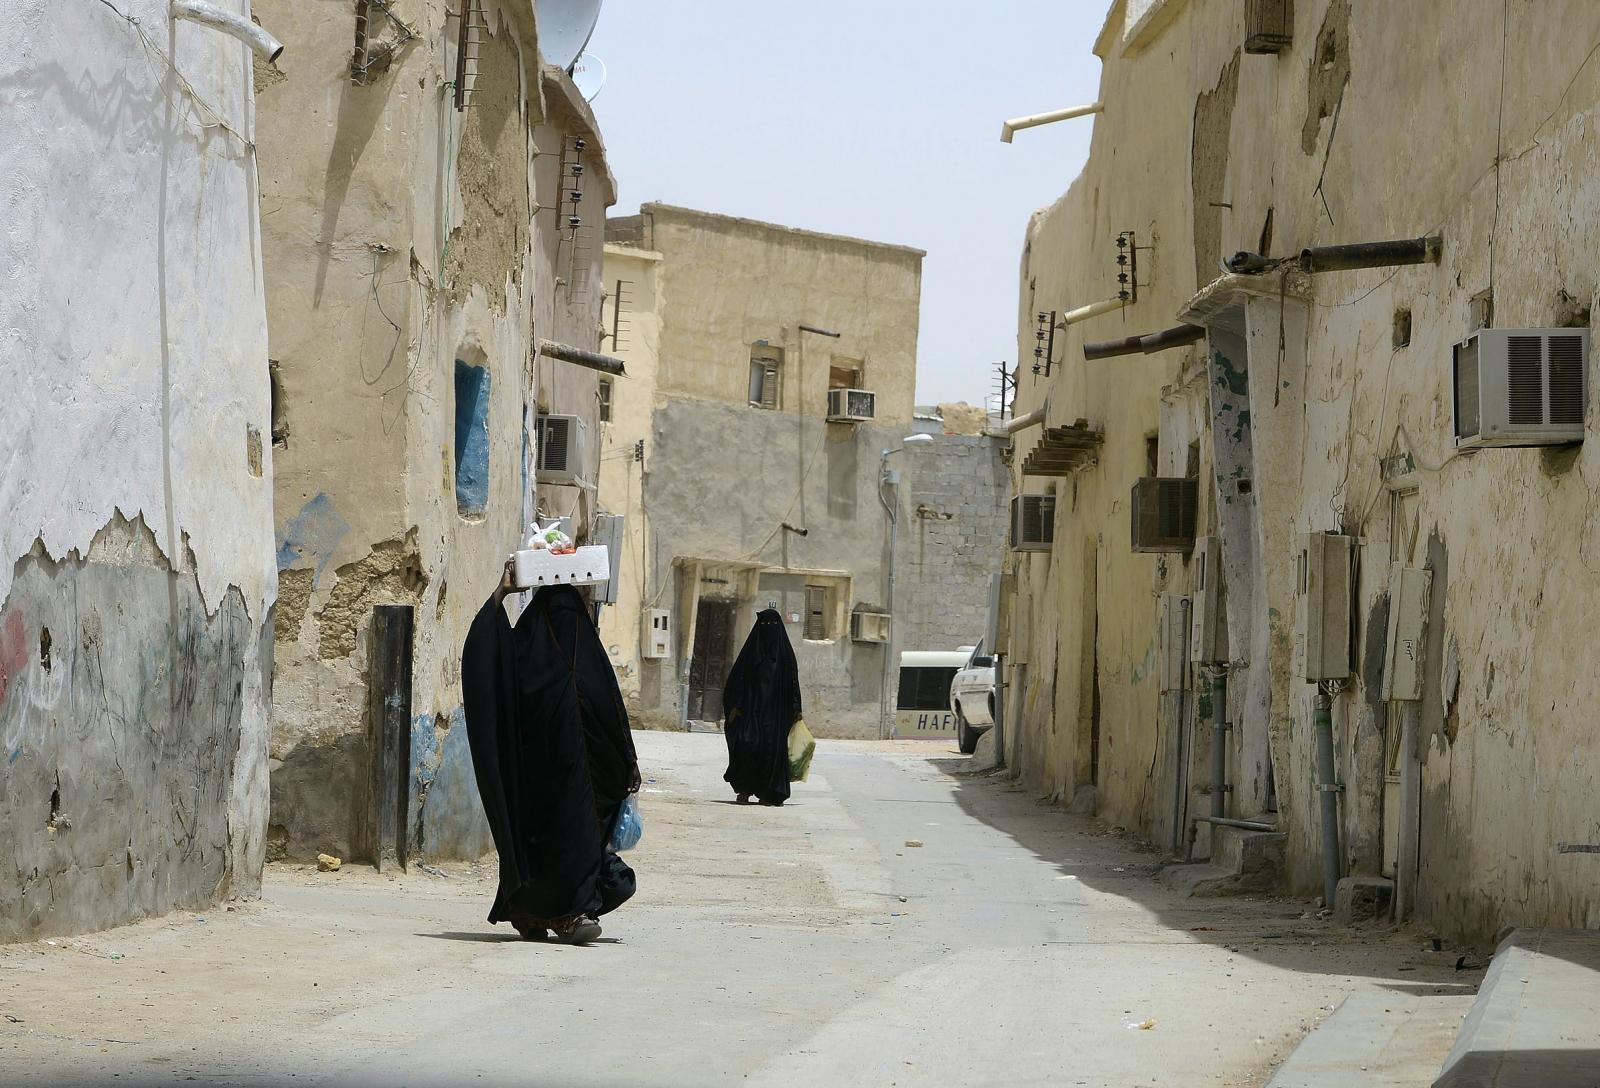 Saudi Arabian women